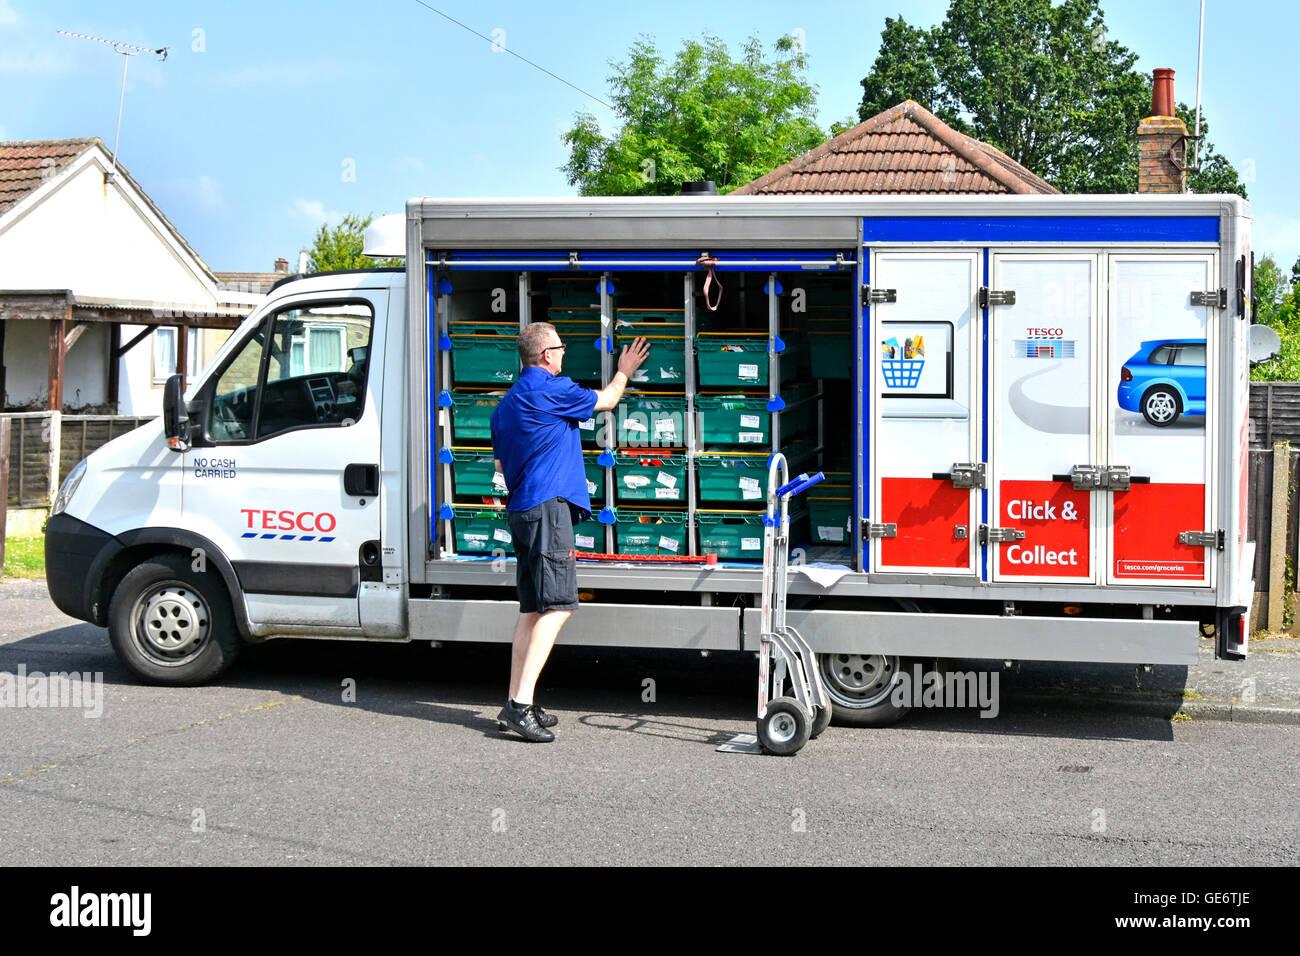 Treiber Entladen Lebensmittel Auf Trolley Zu Hause Lieferung